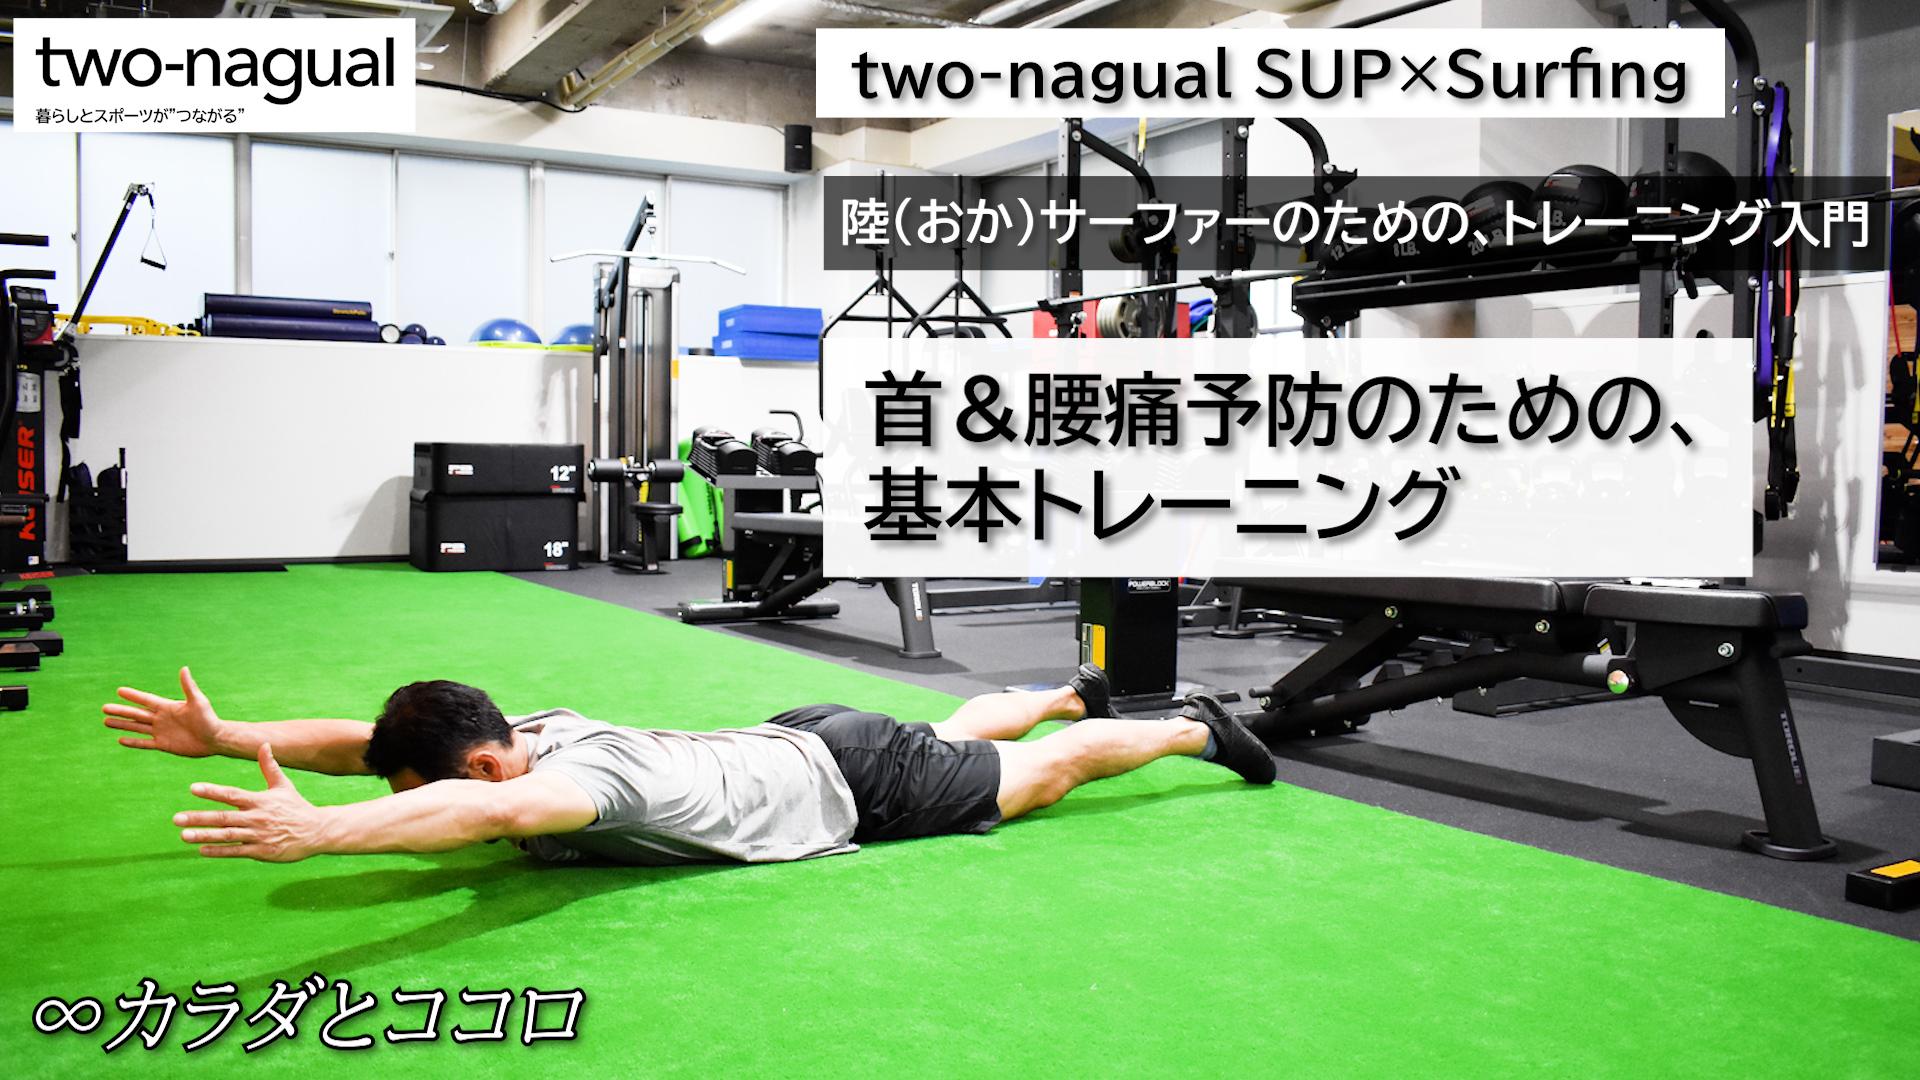 <small>【two-nagual SUP × Surfing】</small><br />陸(おか)サーファーのための、トレーニング入門<br />首&腰痛予防のための、基本トレーニング